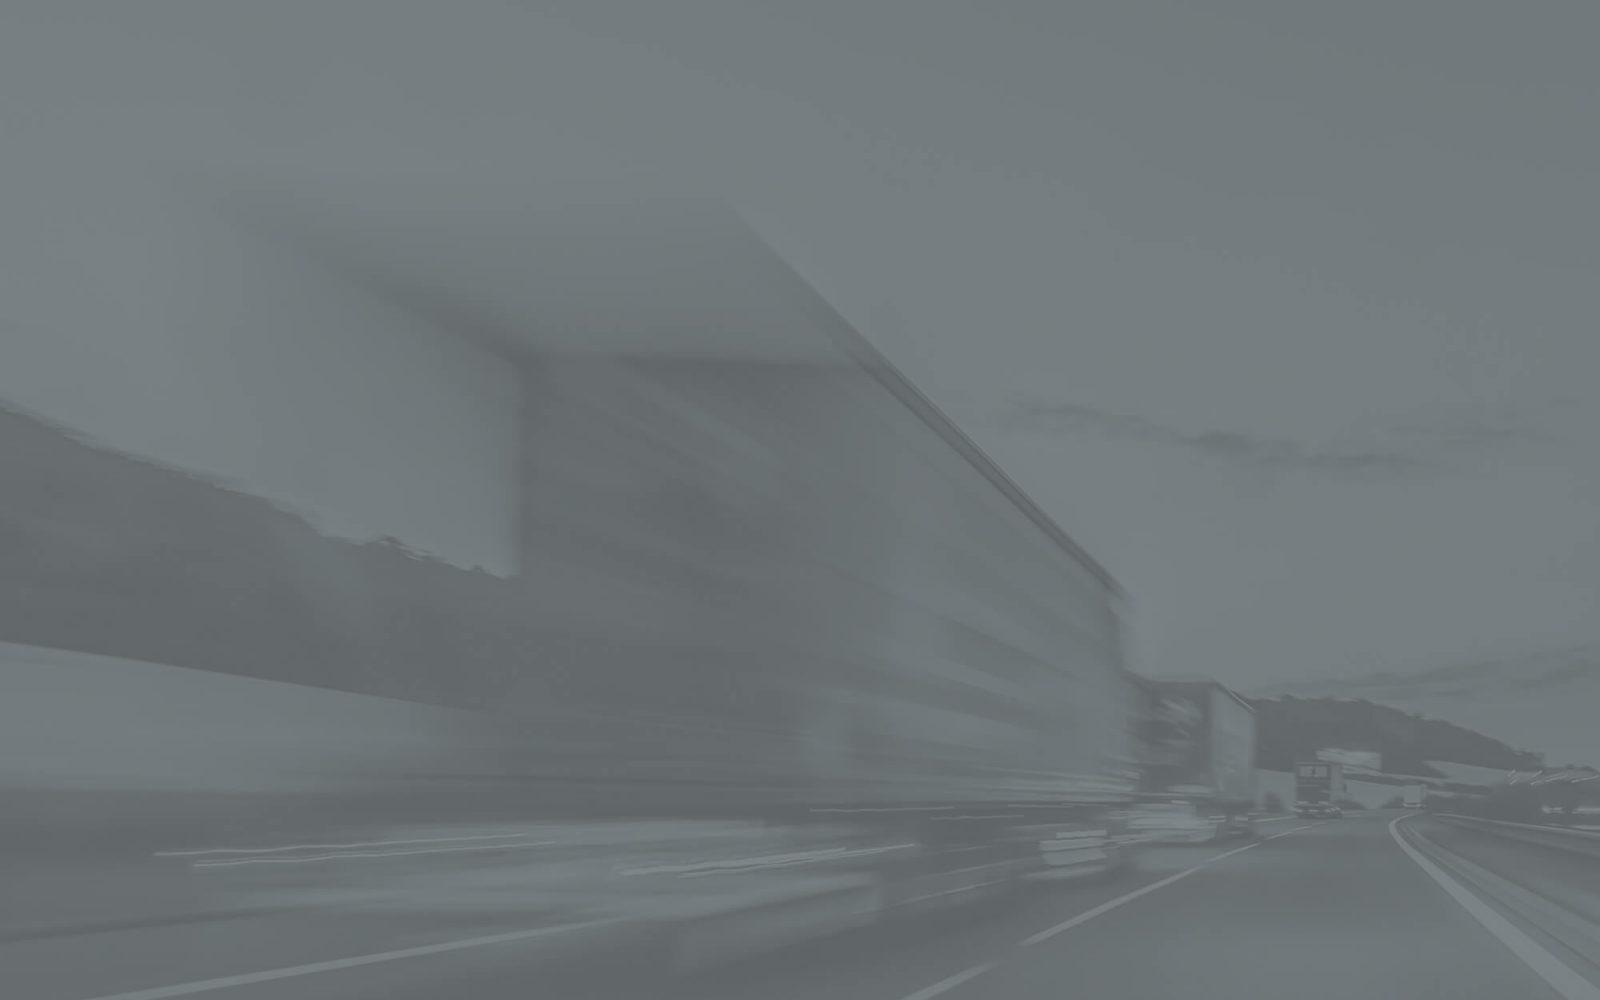 Kranarbeiten & Sondertransporte – HE-Transporte